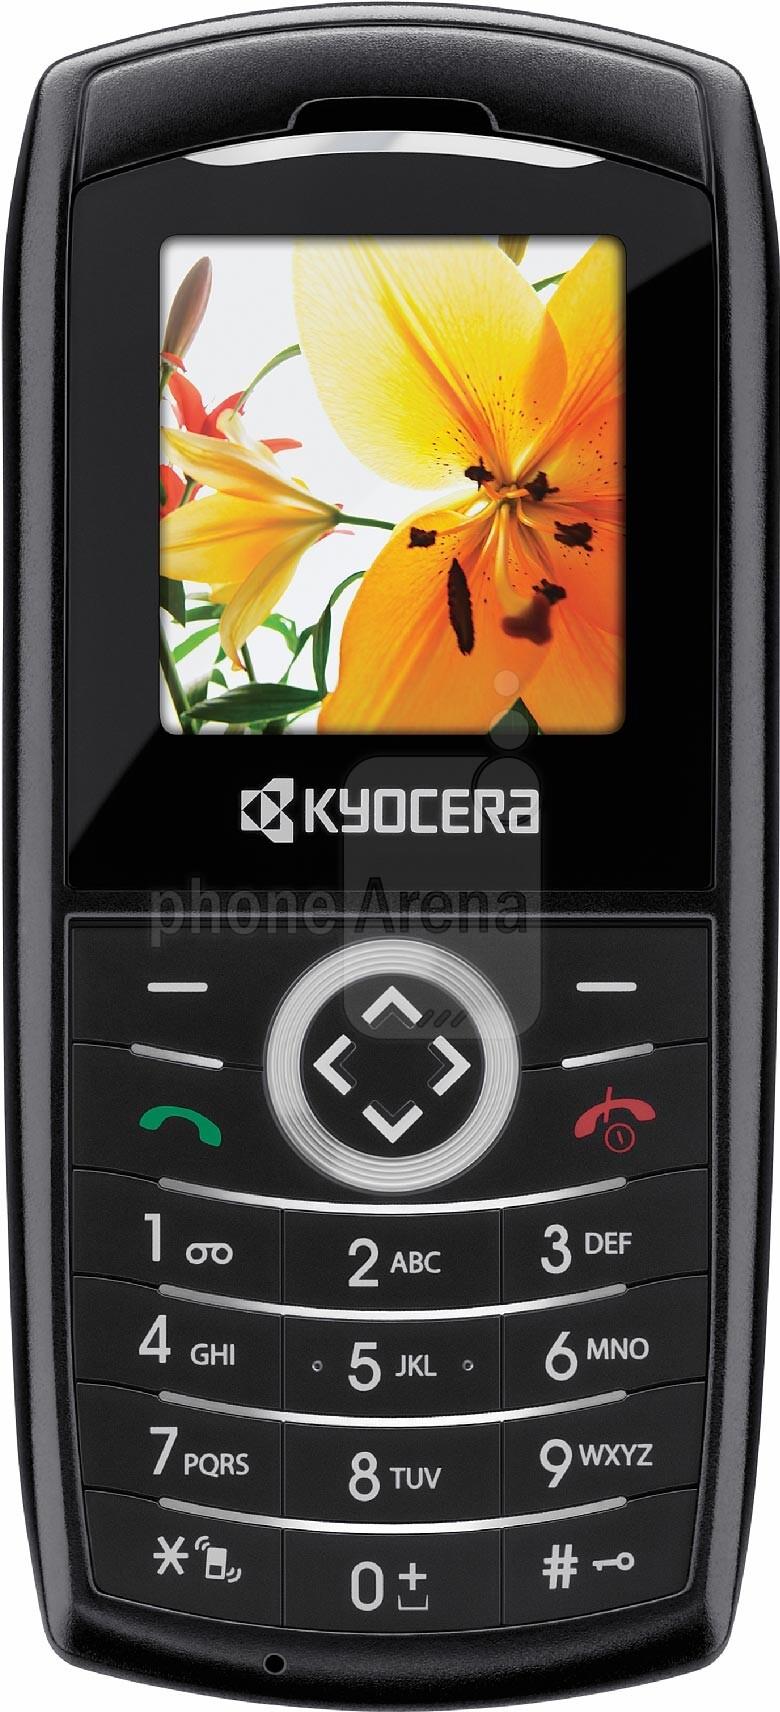 Kyocera S1600